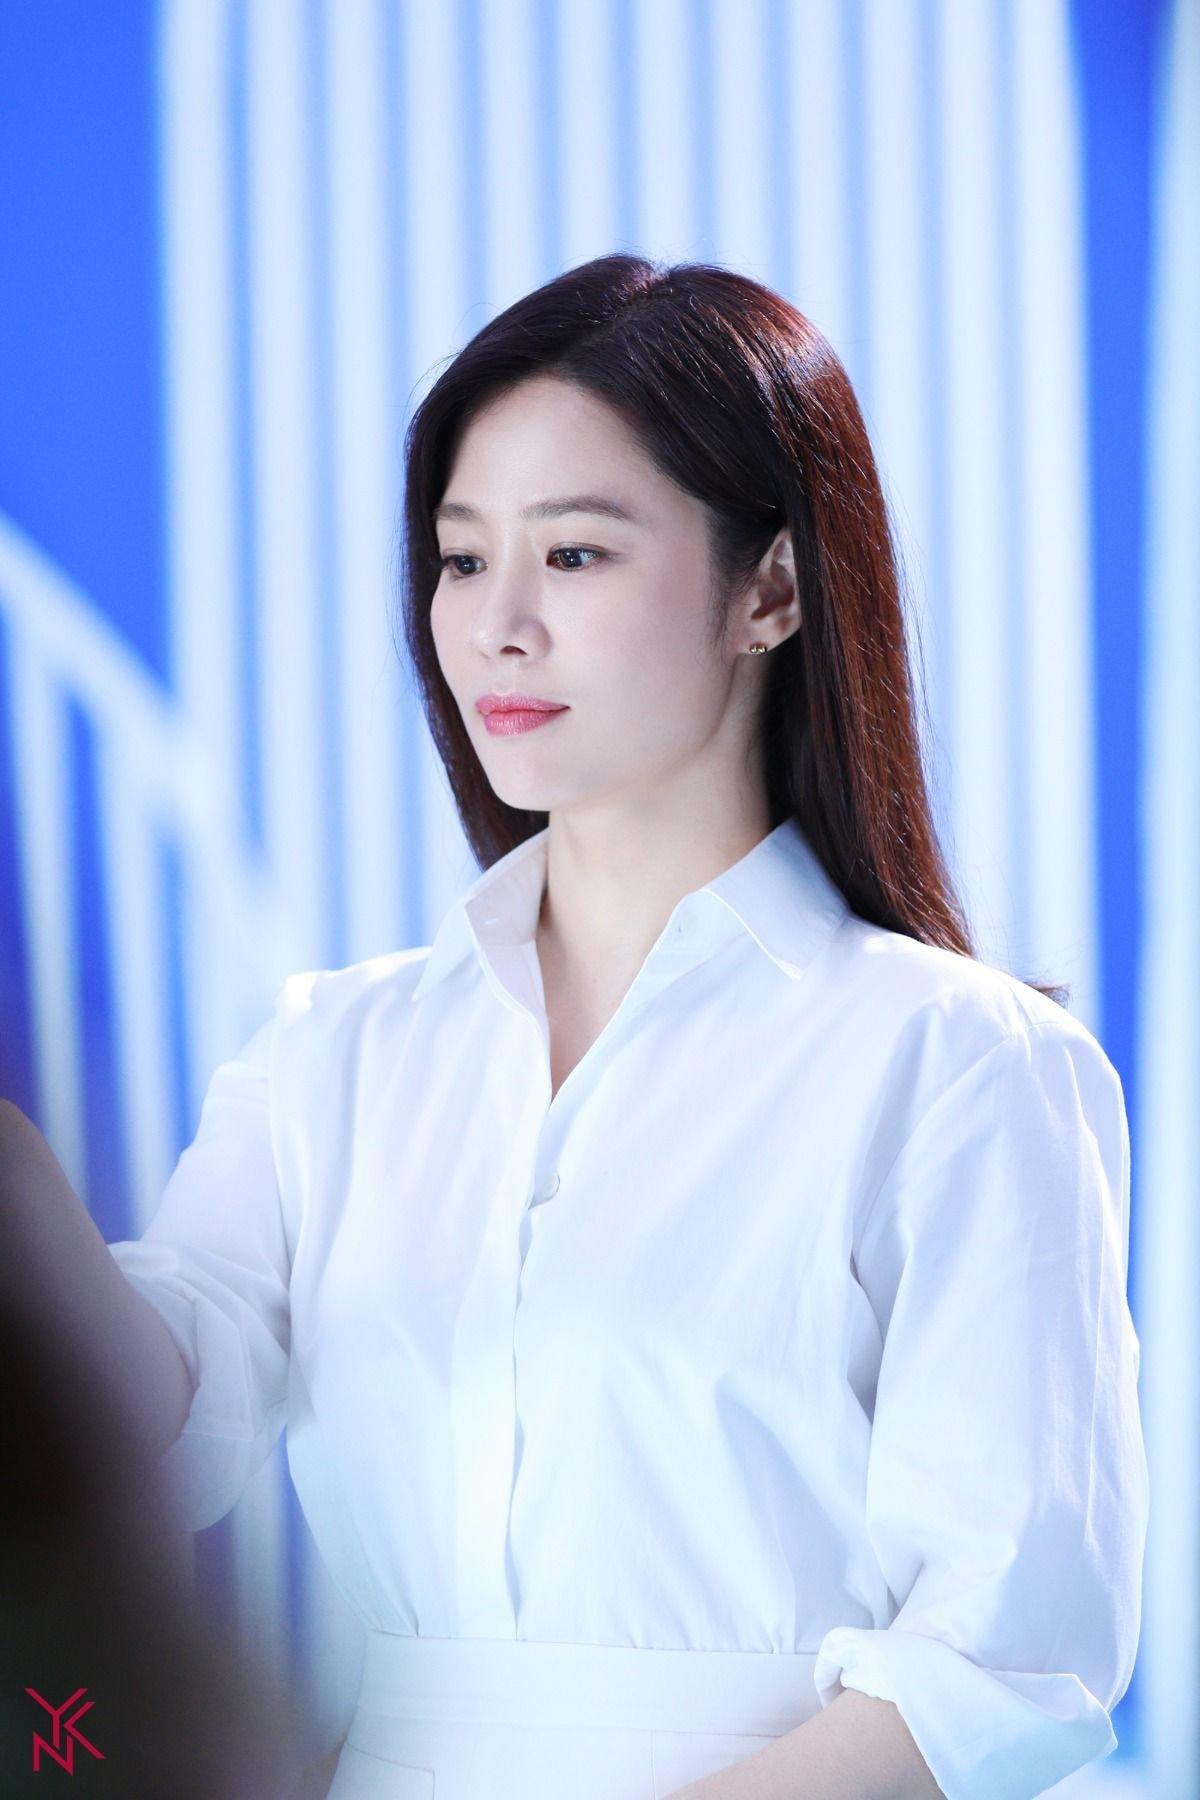 소속사 포스트에 올라온 김현주